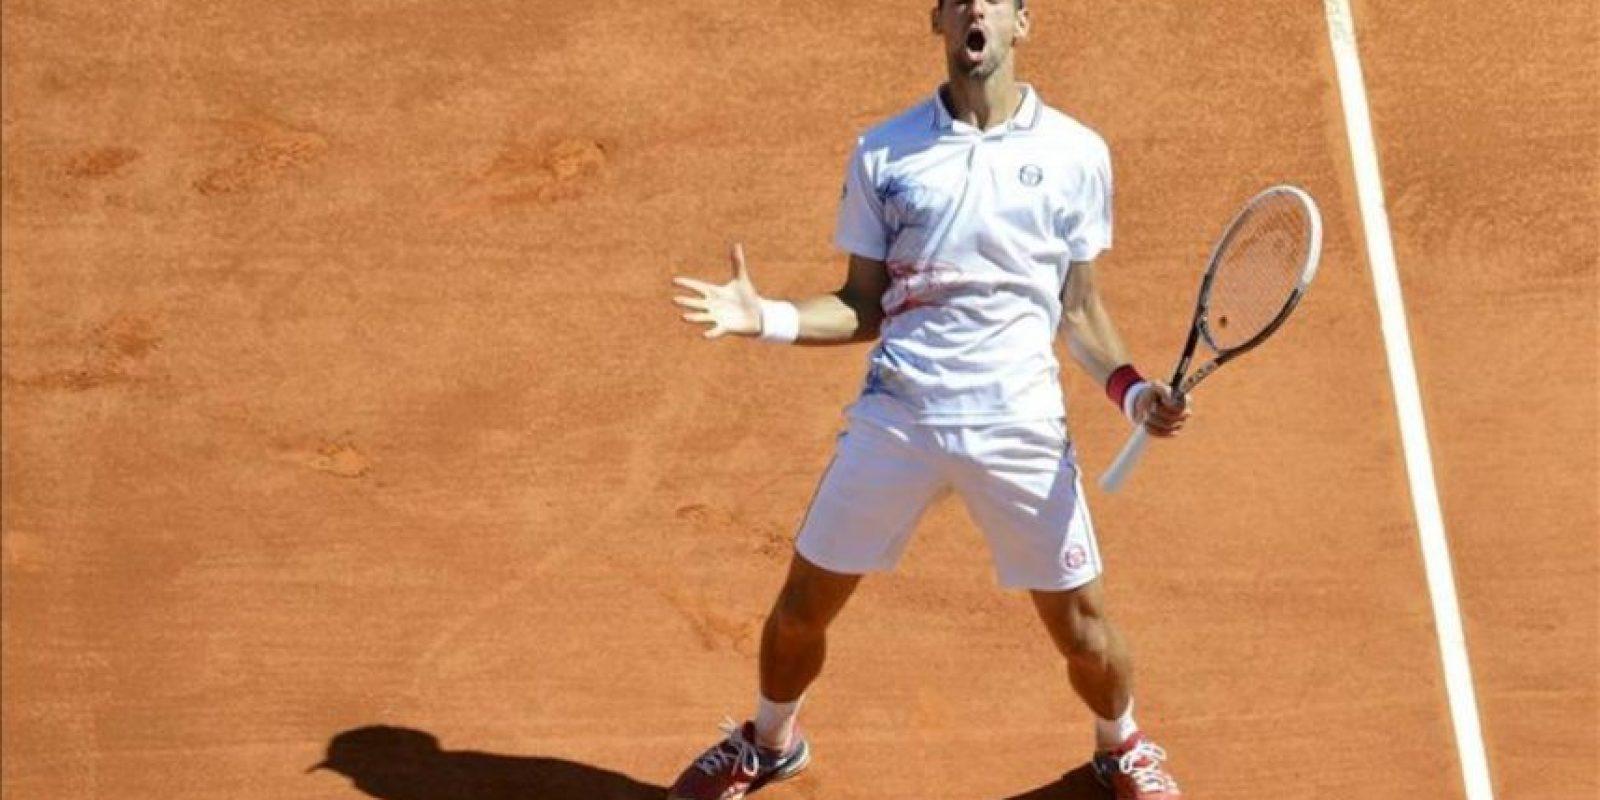 El tenista serbio Novak Djokovic reacciona tras perder un punto ante el checo Tomas Berdych durante la semifinal del Masters 1.000 de Montecarlo, en Roquebrune Cap Martin, Francia. EFE